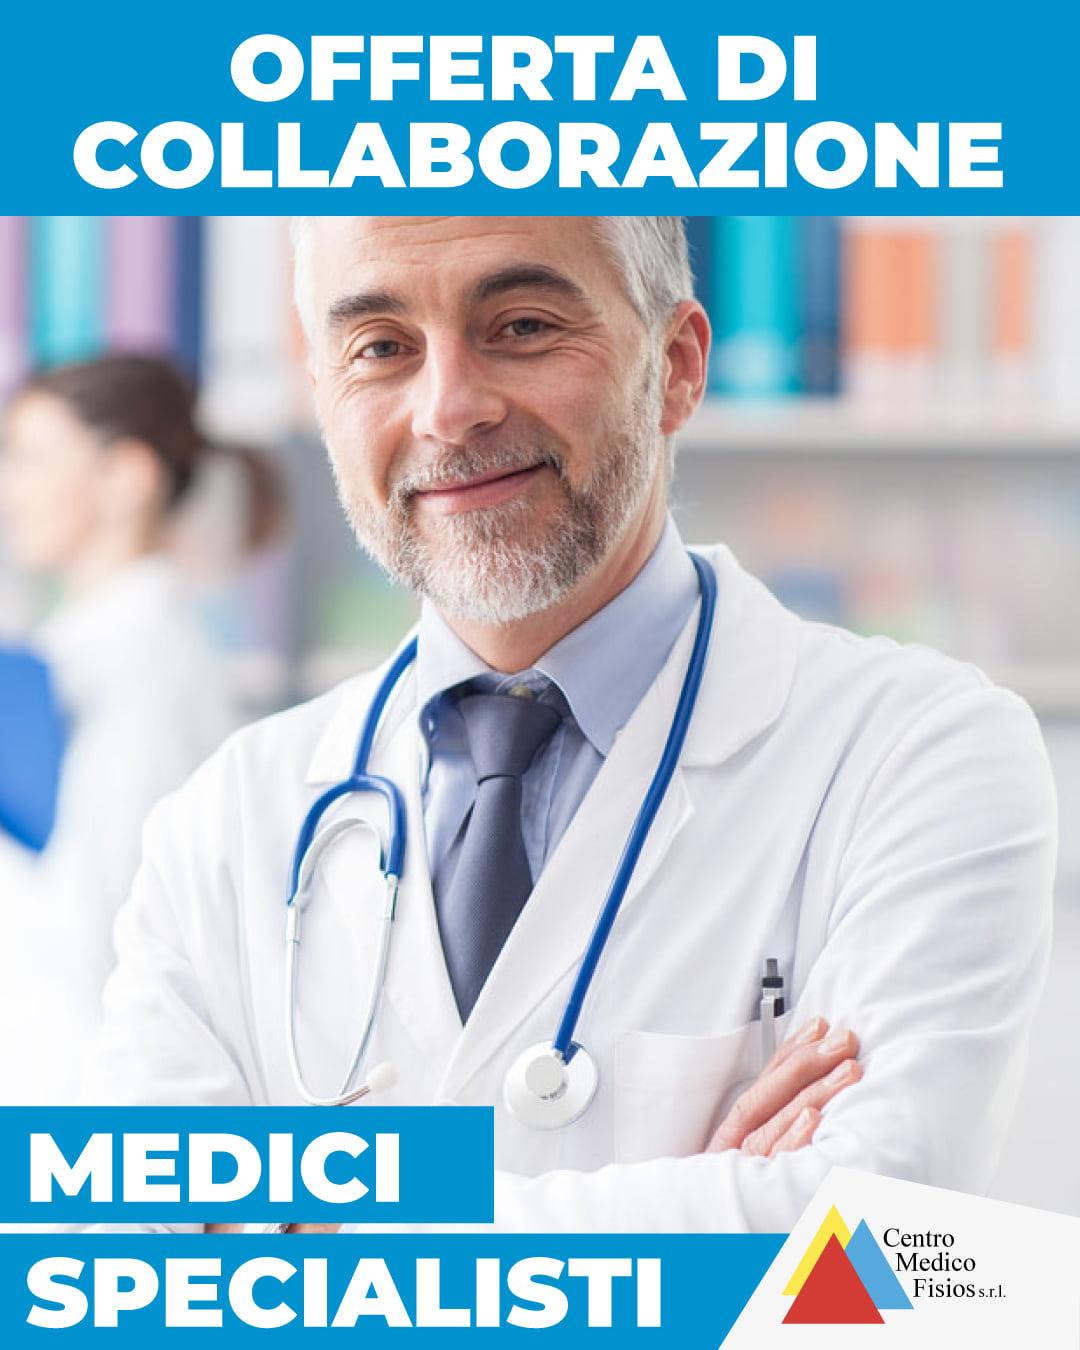 OFFERTA DI COLABORAZIONE - MEDICI SPECIALISTI